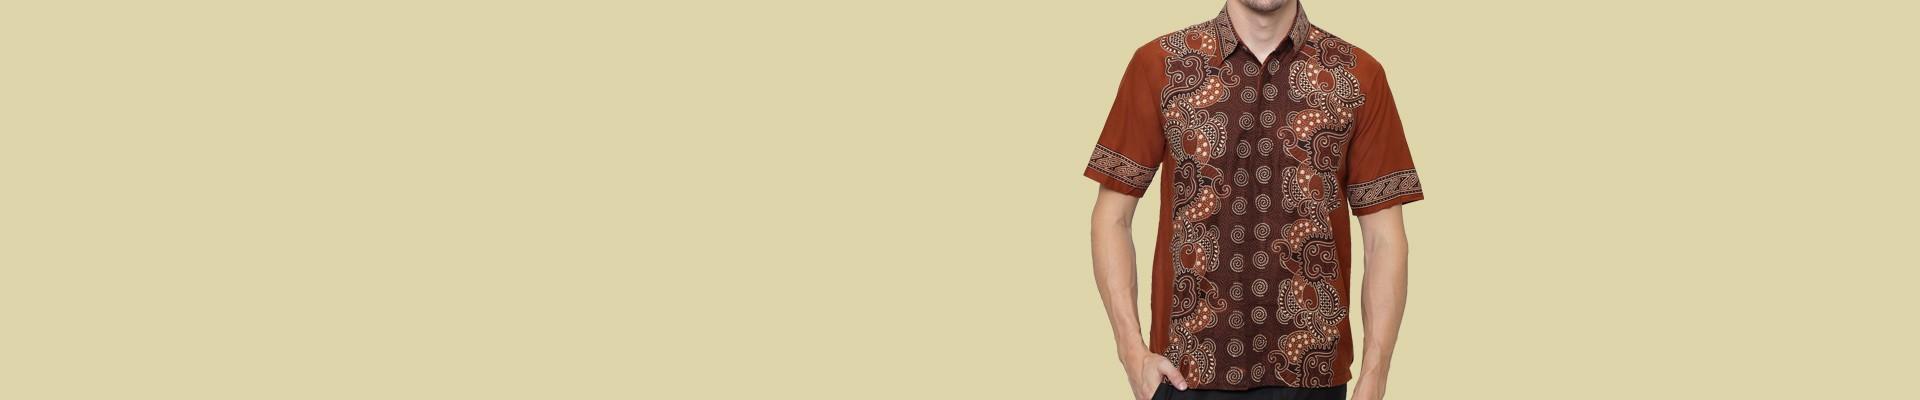 Jual Kemeja Batik Pria Pria Terbaik dan Berkualitas - Harga Terbaik Online